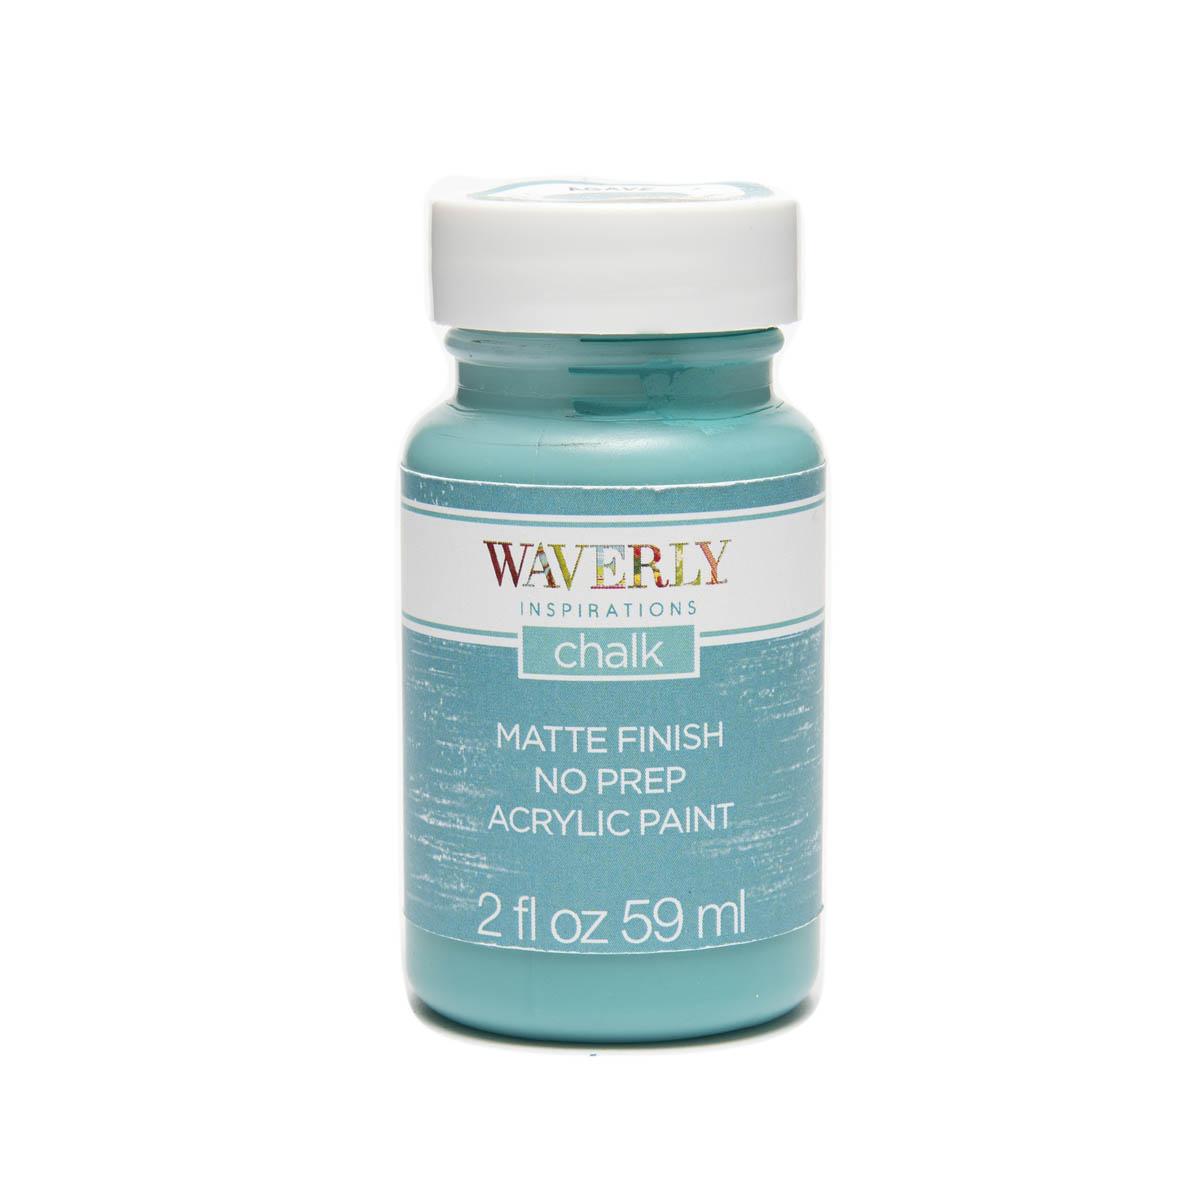 Waverly ® Inspirations Chalk Finish Acrylic Paint - Agave, 2 oz.